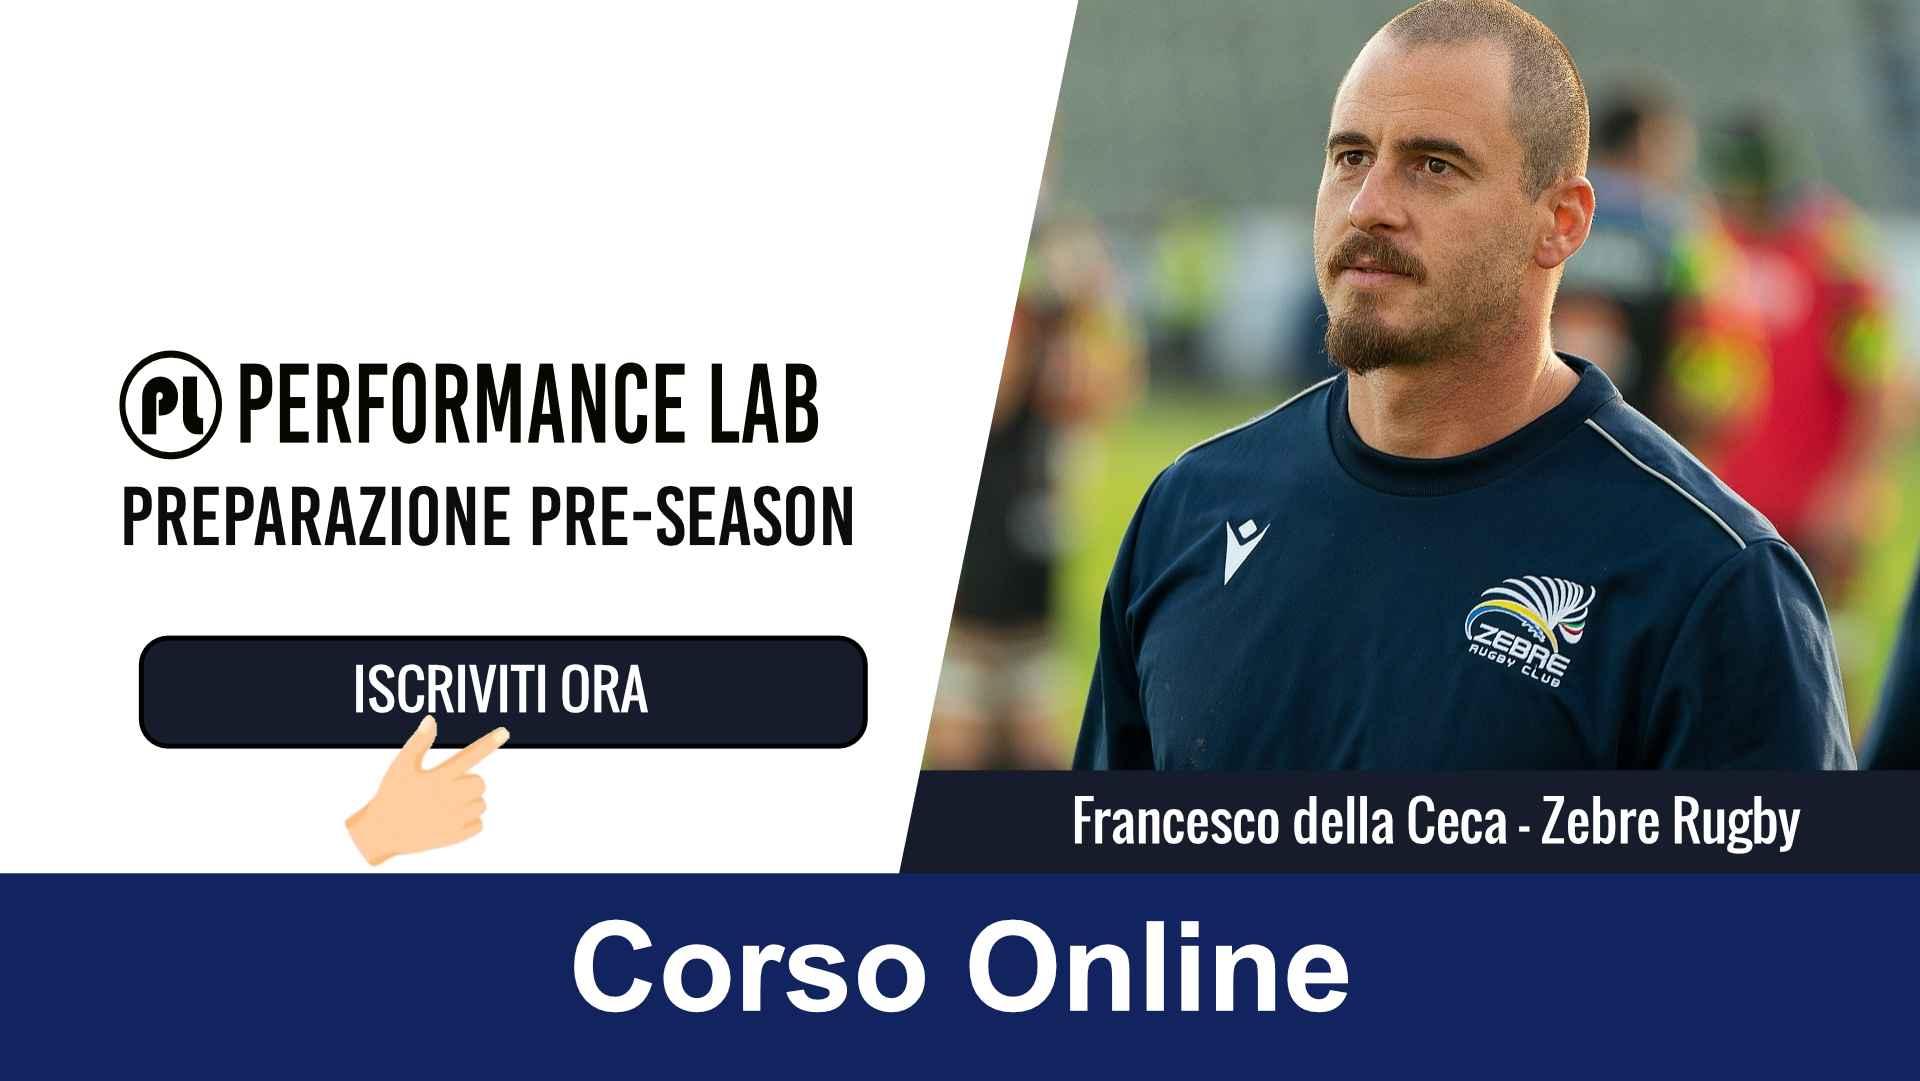 https://www.performancelab16.com/corso/corso-online-preparazione-pre-season/